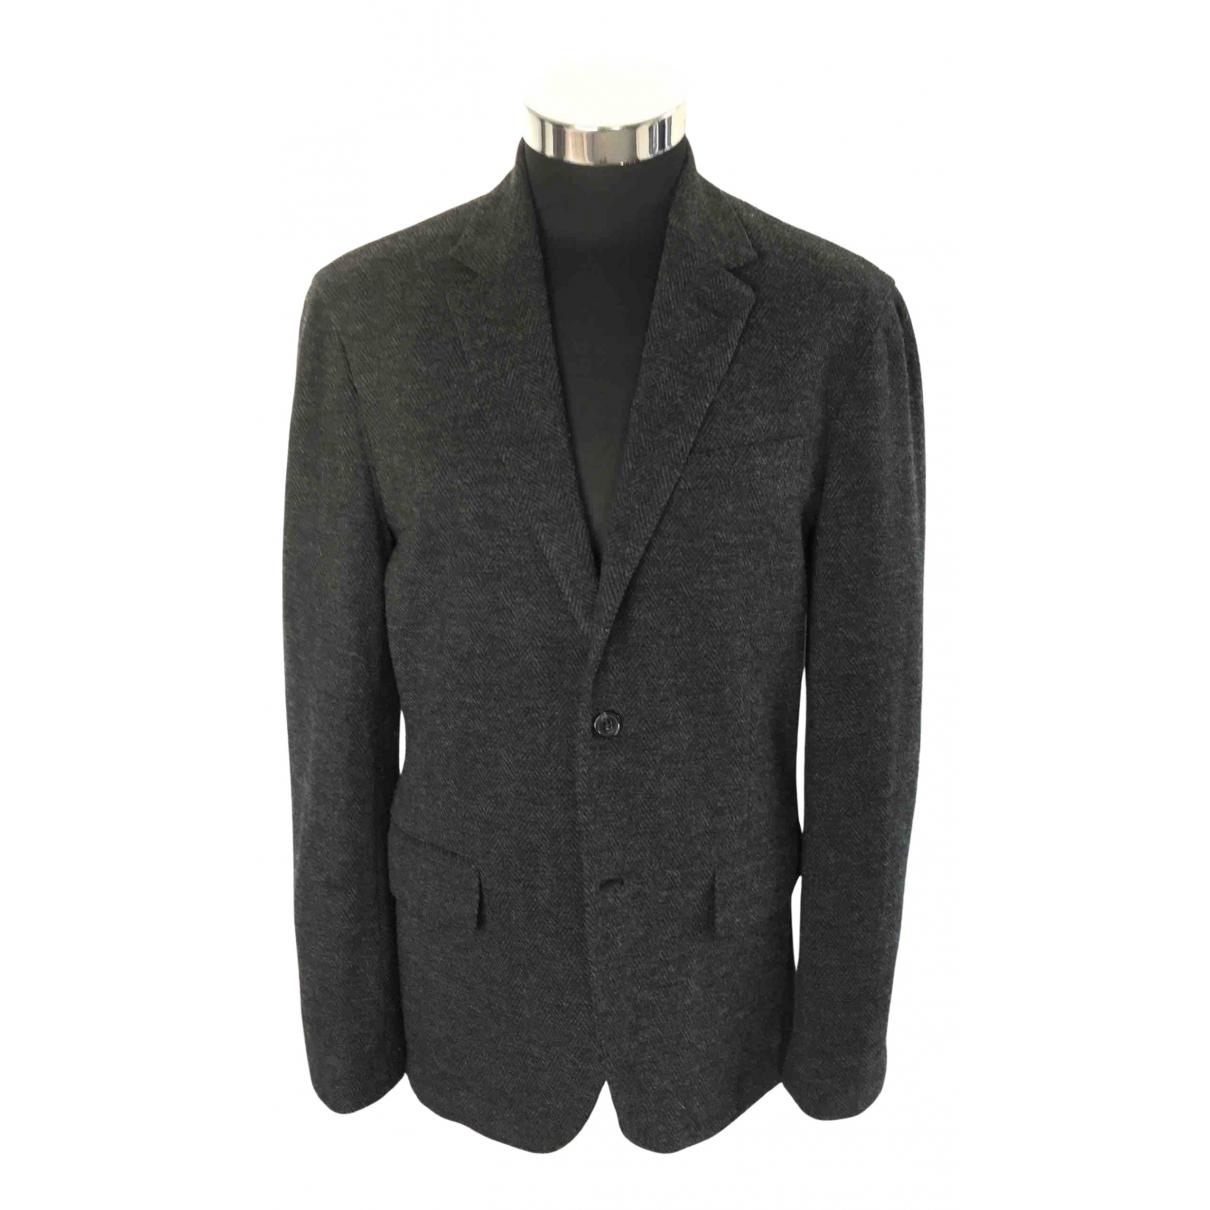 Polo Ralph Lauren - Vestes.Blousons   pour homme en coton - anthracite